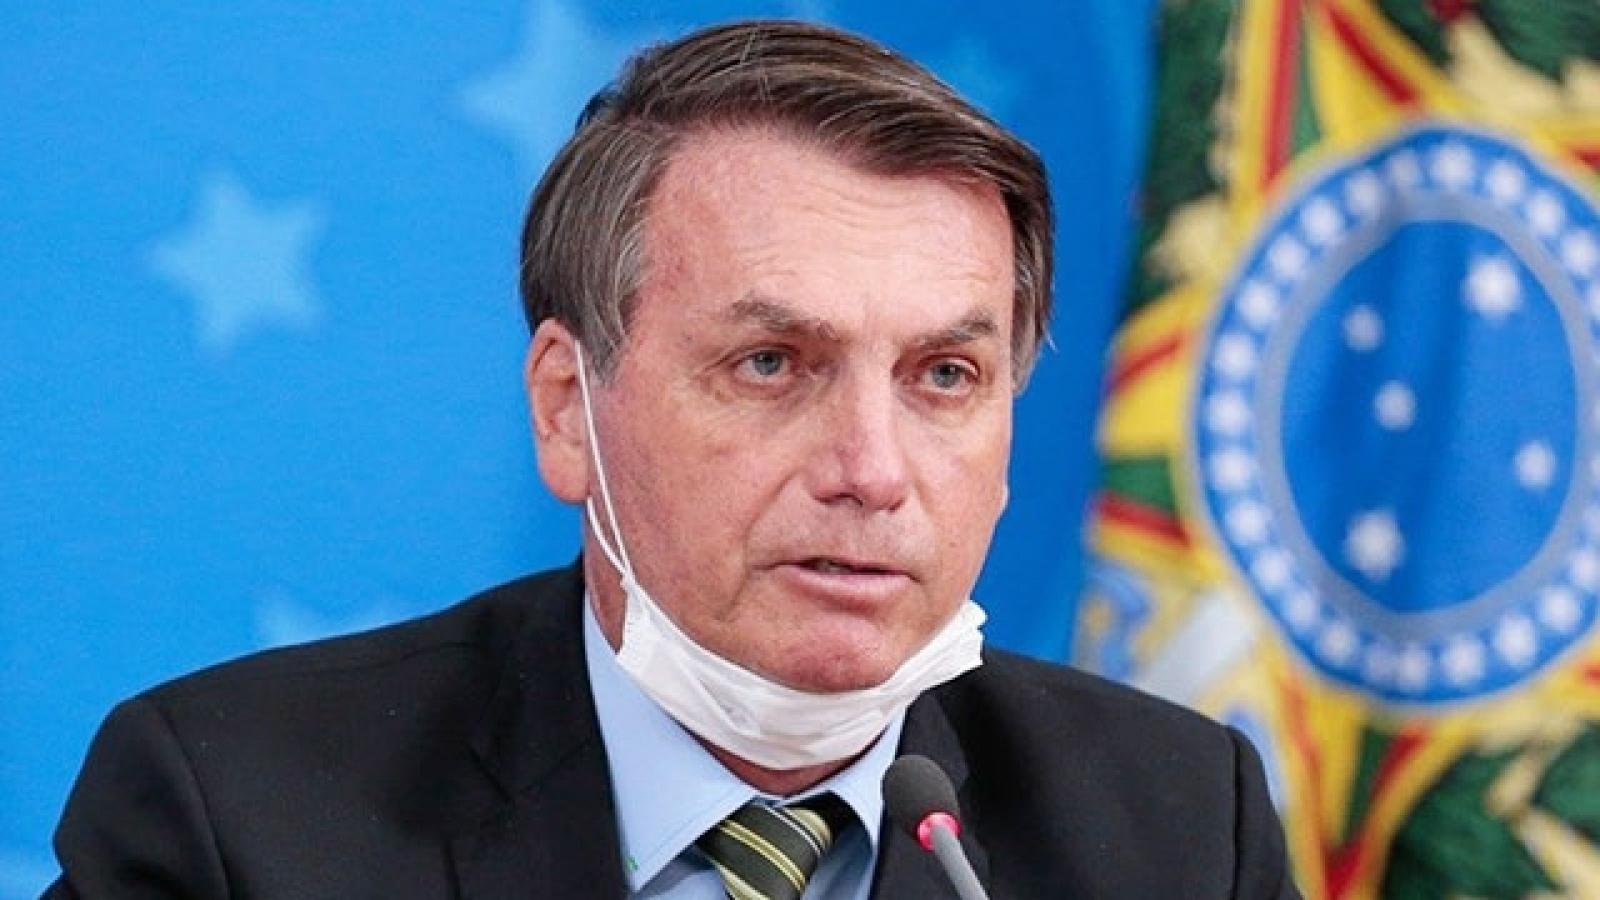 Tổng thống Brazil tự cách ly tại nhà sau khi tham dự Đai hội đồng Liên Hợp Quốc